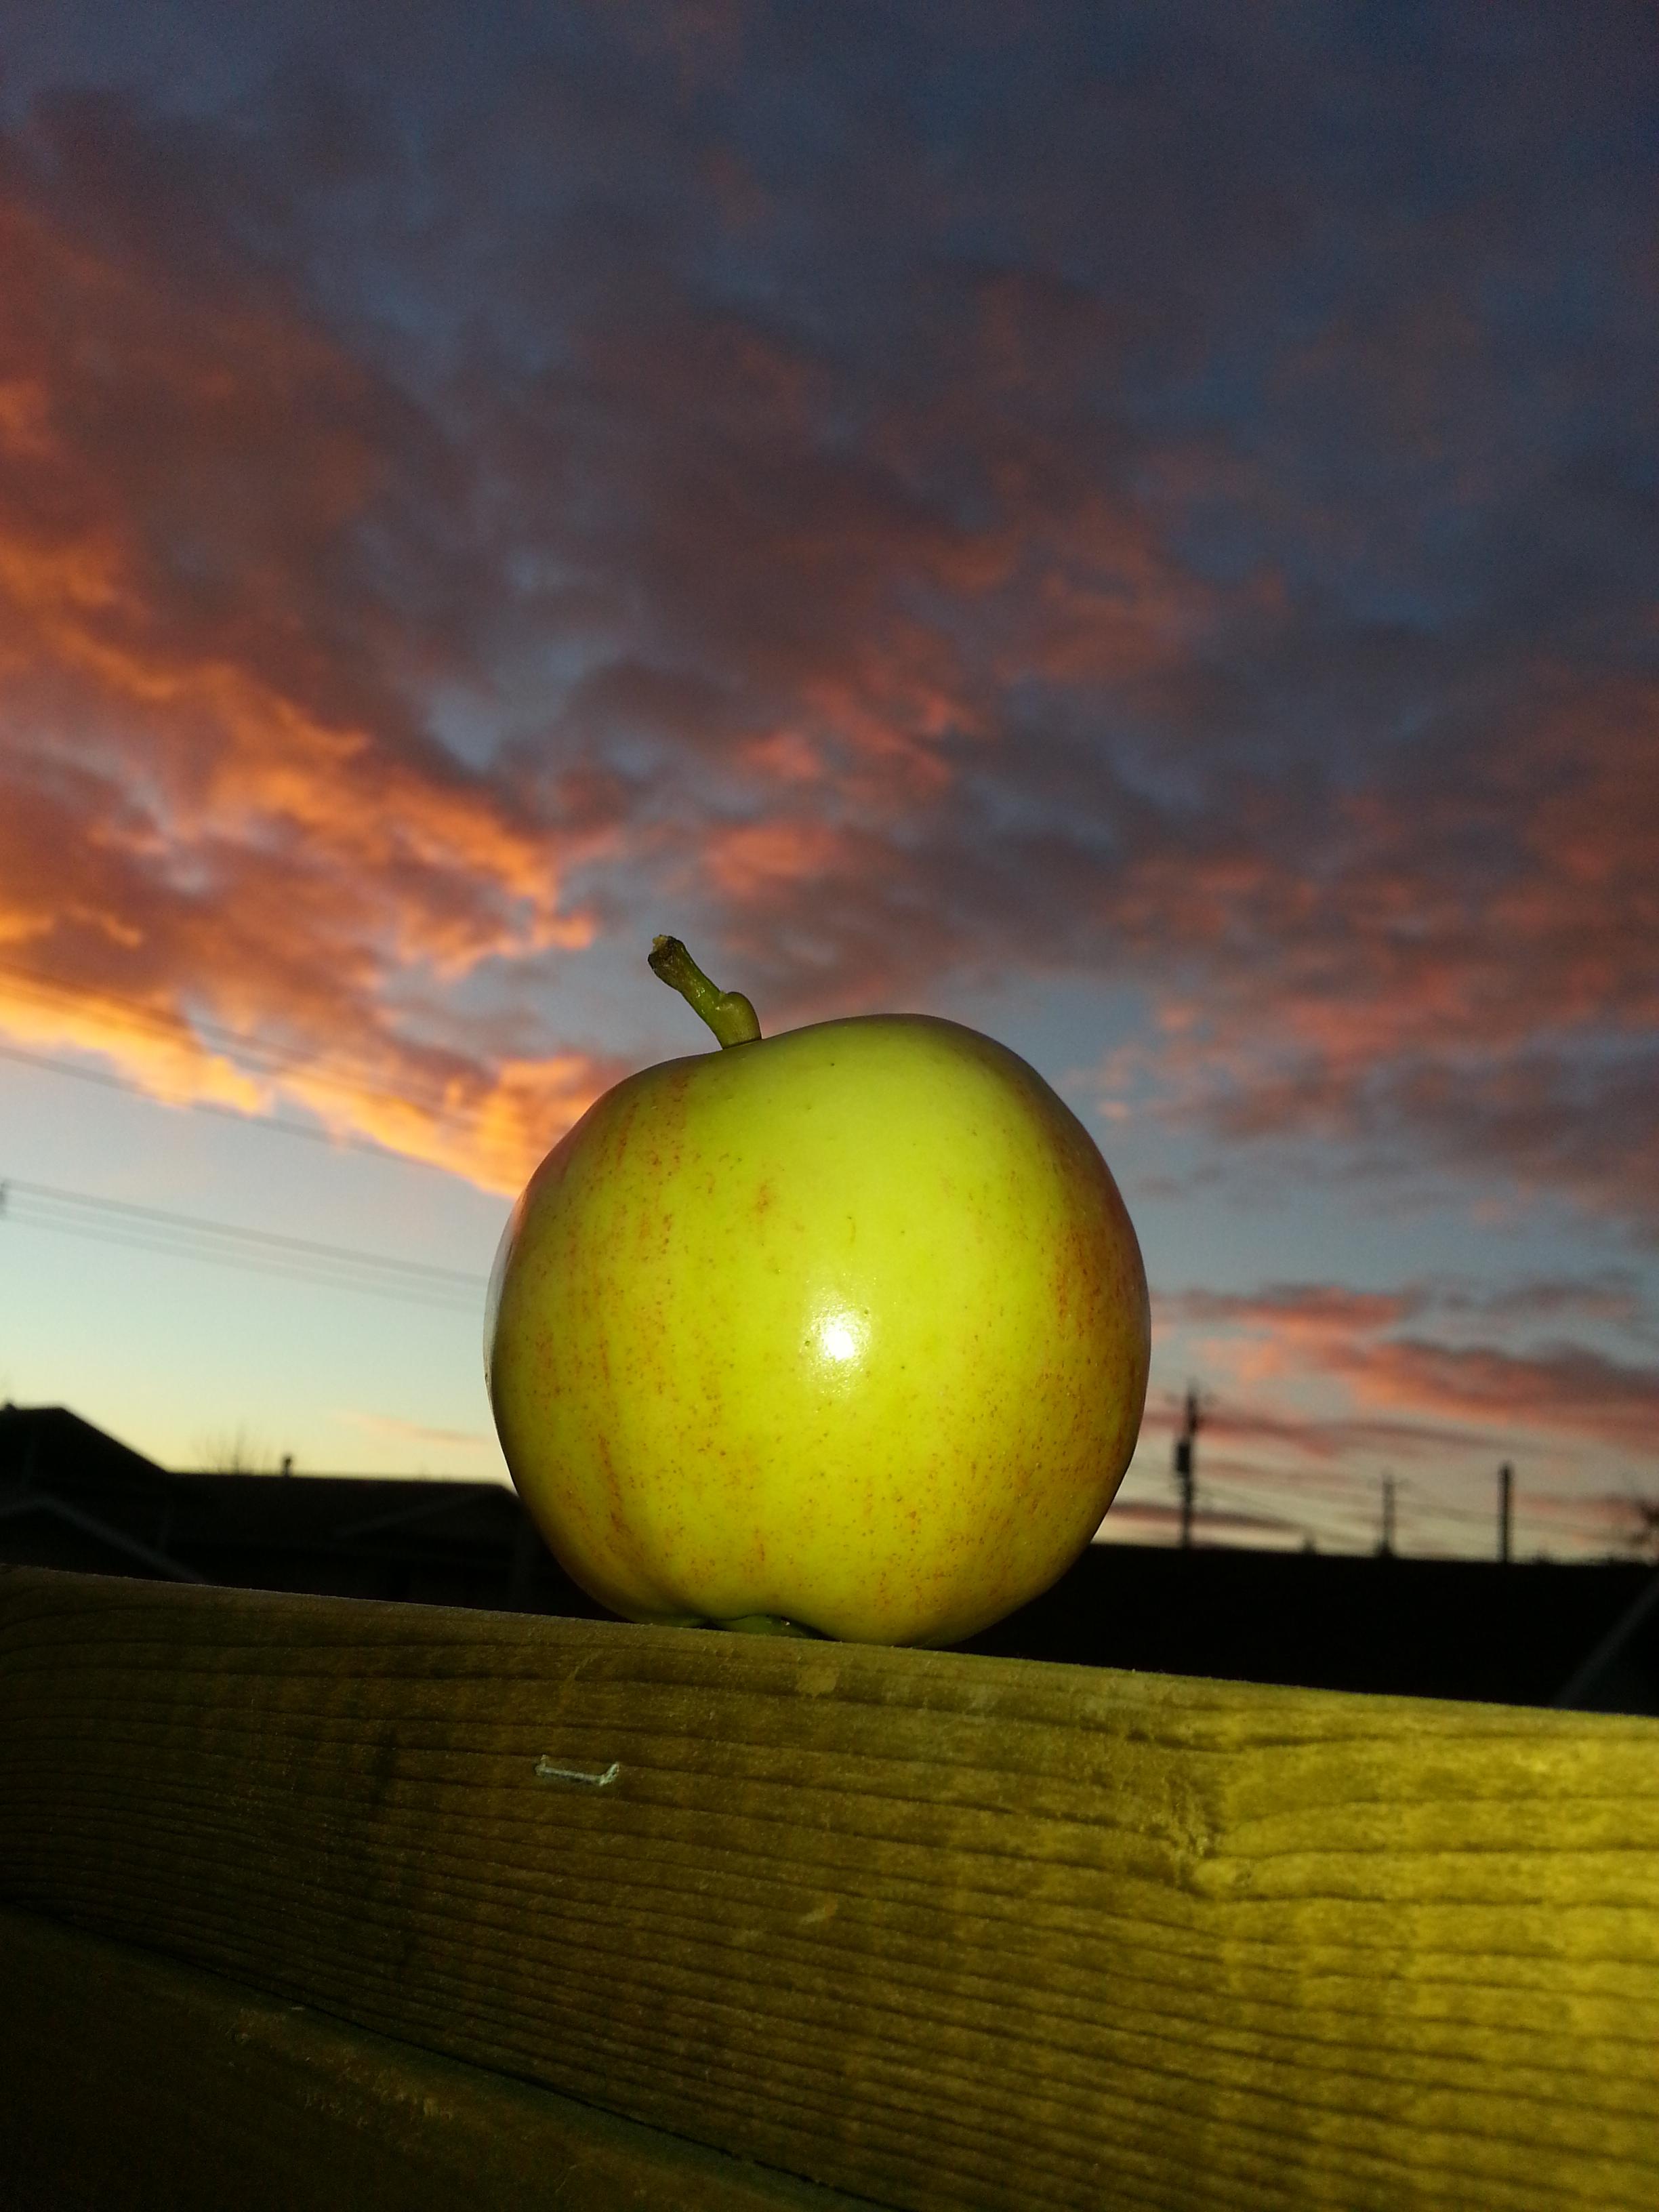 ambrosia apple sunrise